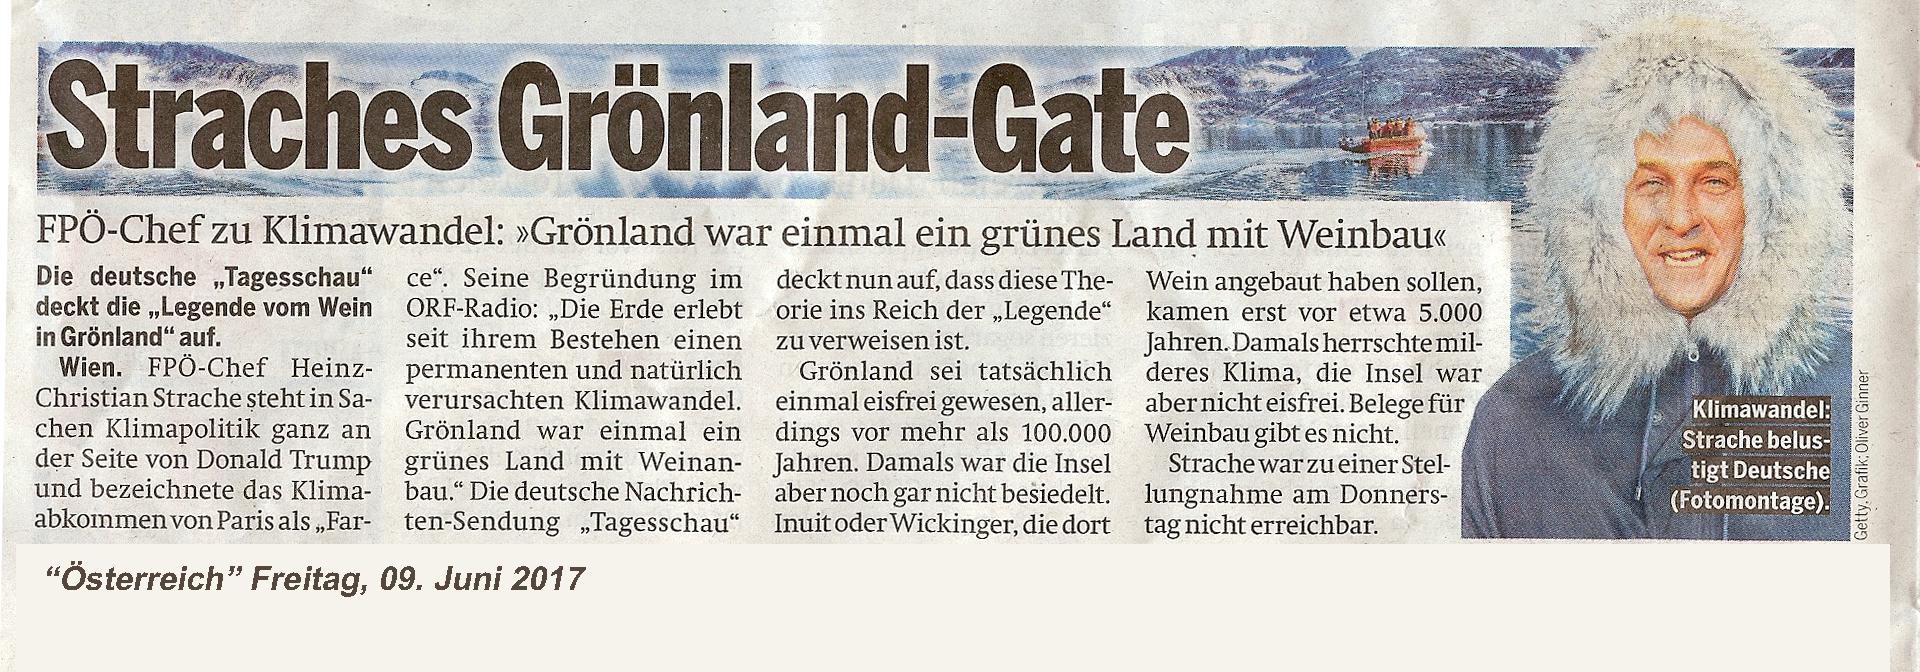 170609-oesterreich-strache-groenland-wein